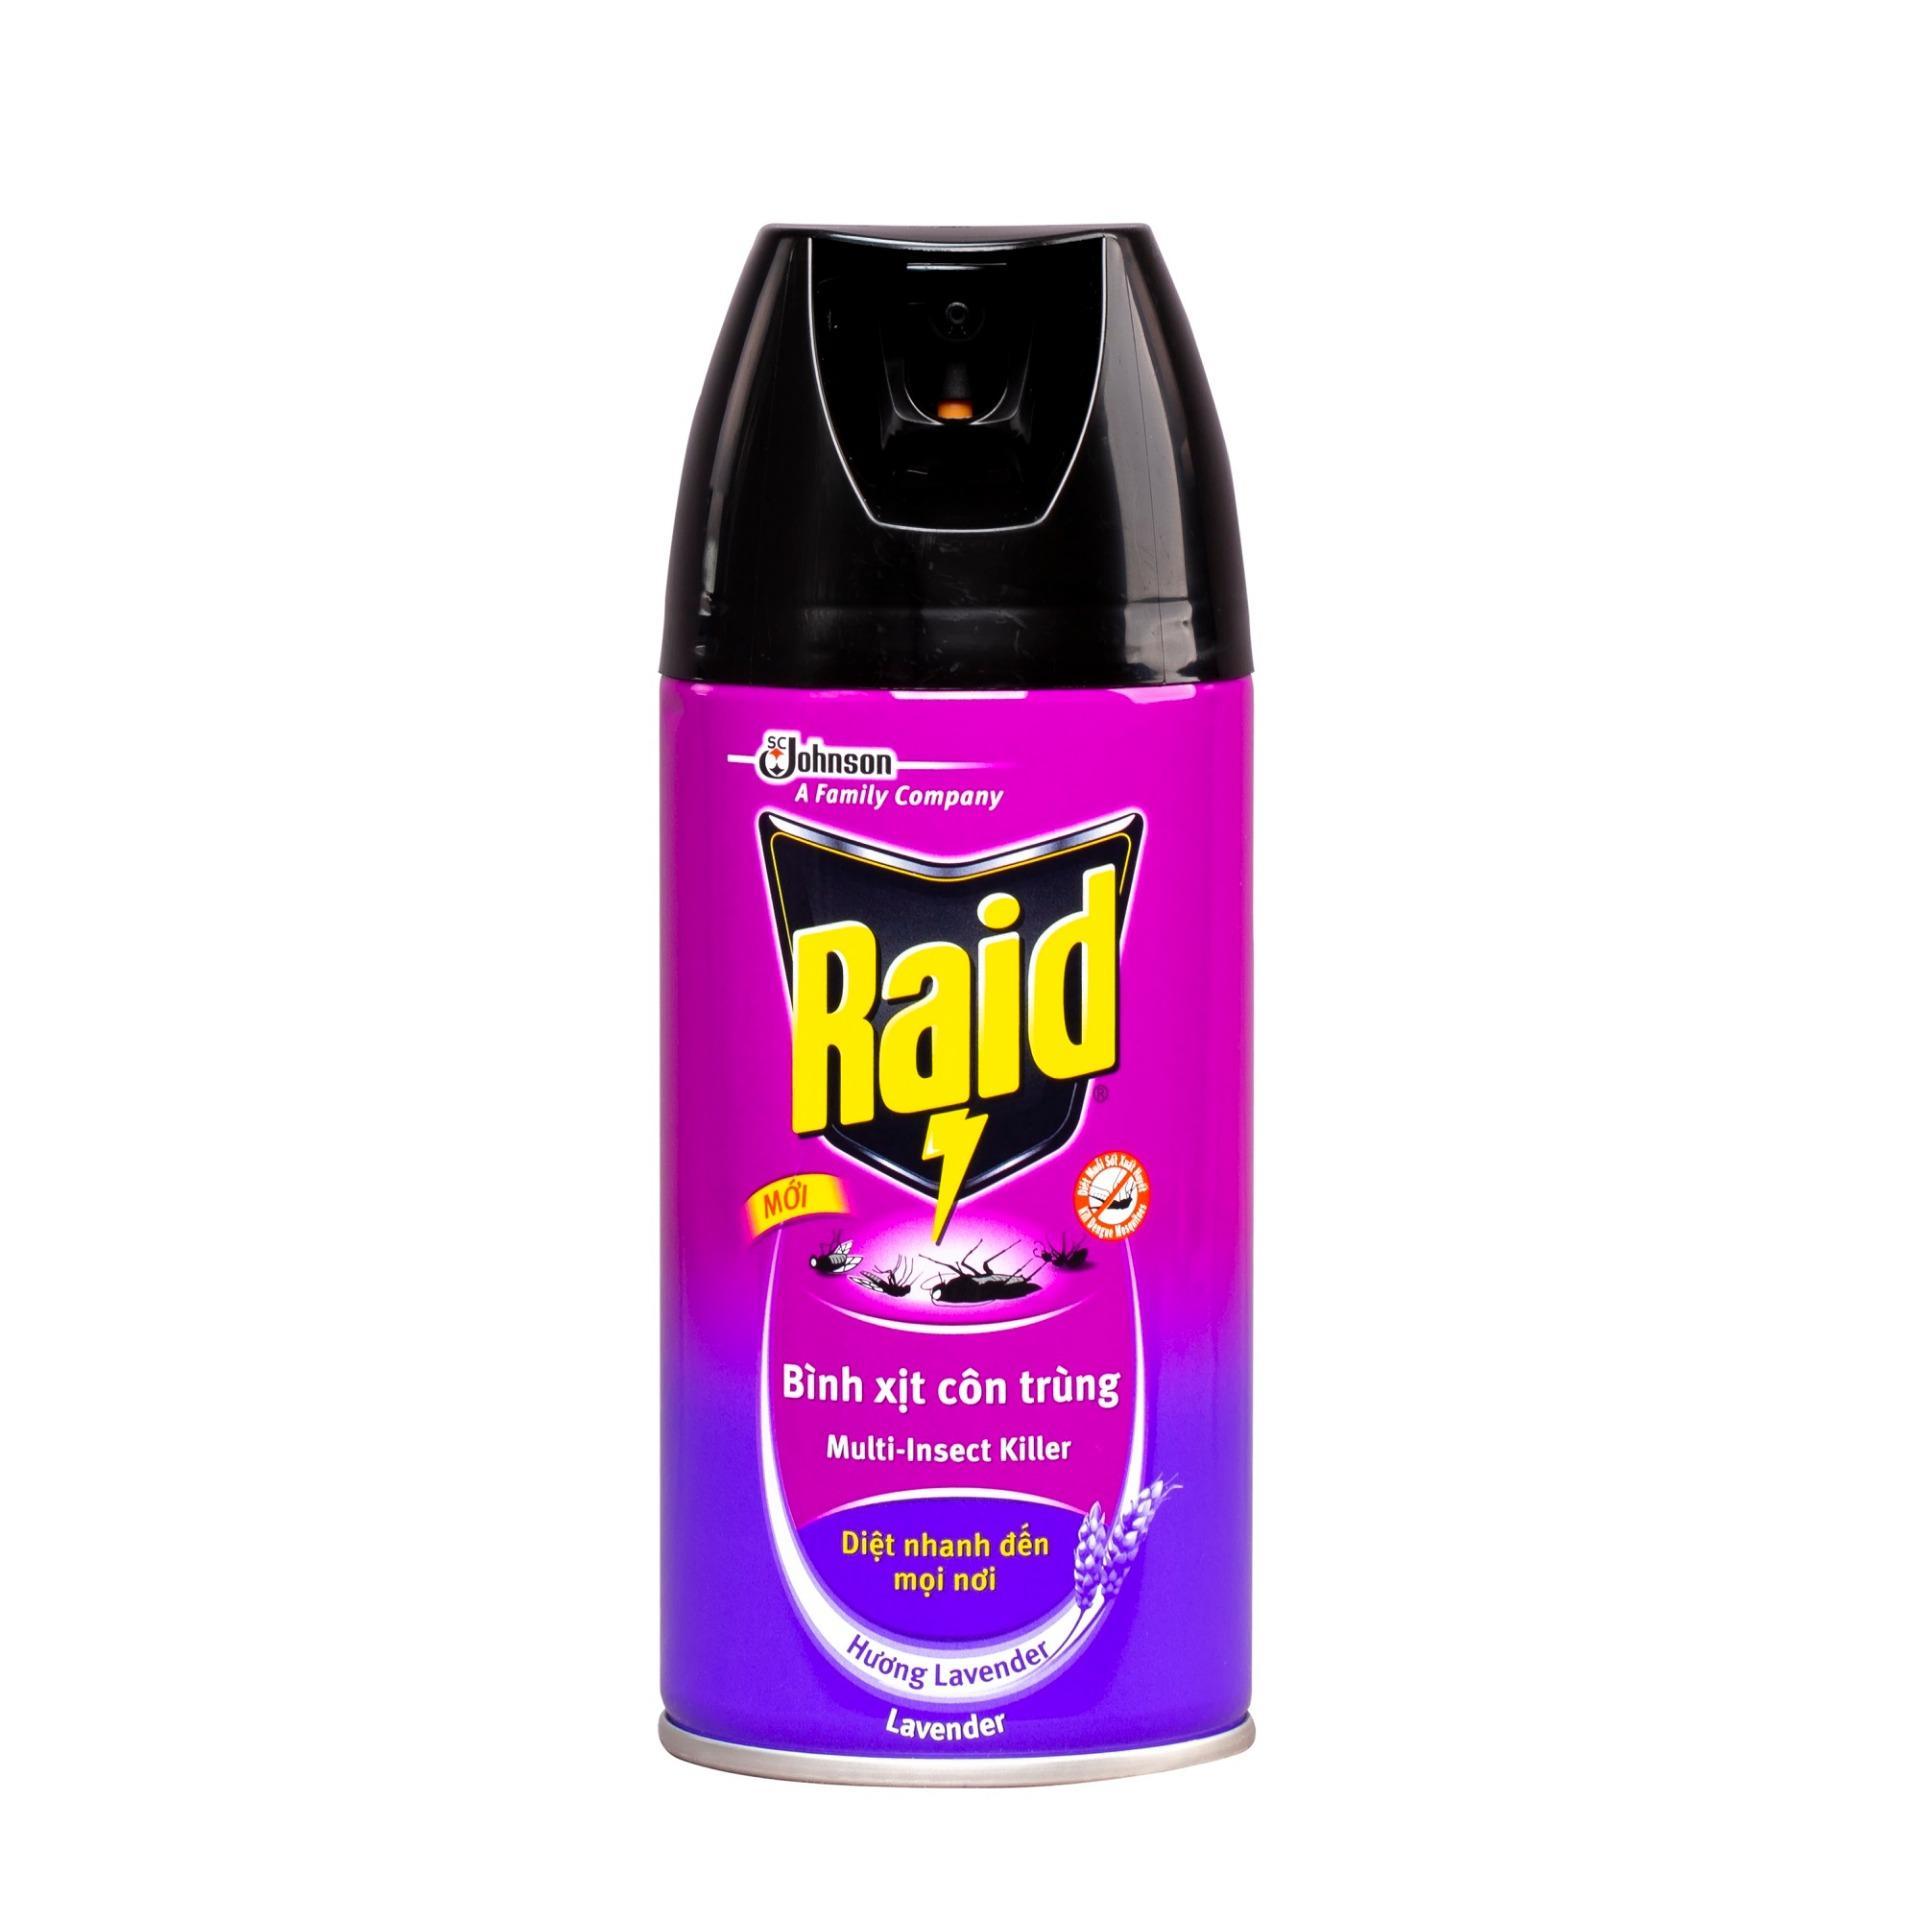 Bình xịt diệt côn trùng Raid hương lavender 300ml